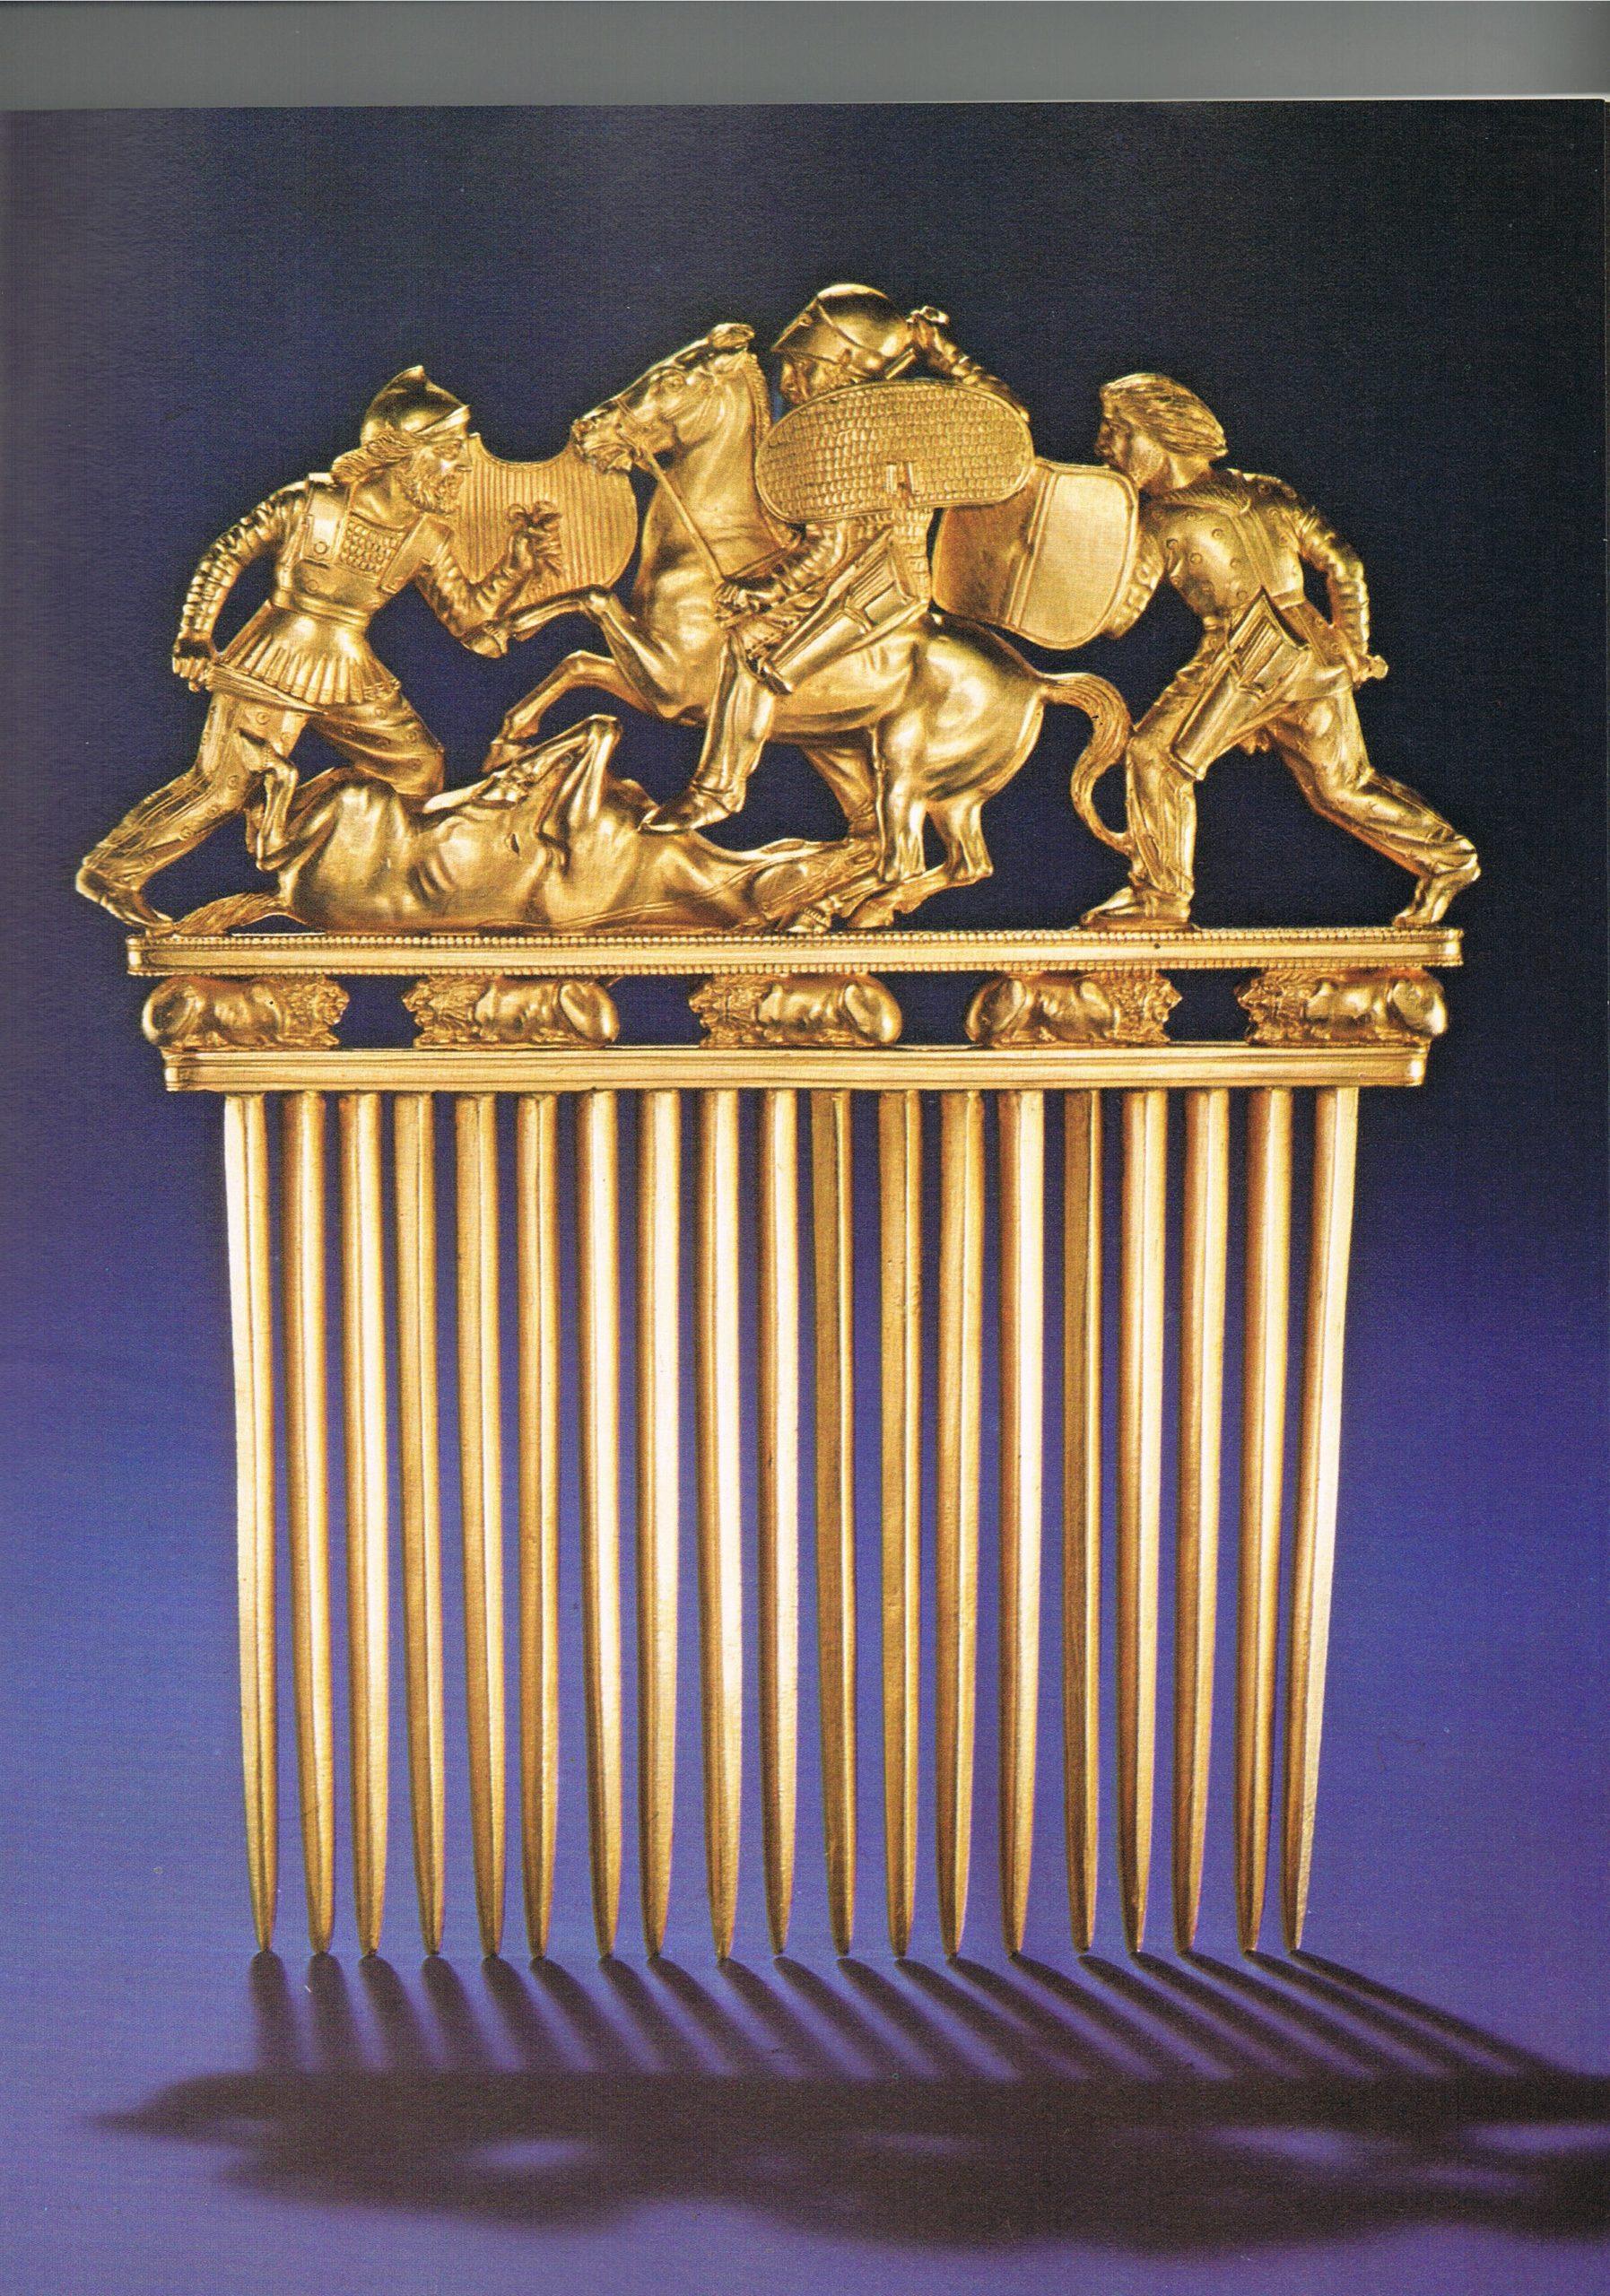 CONFÉRENCE de février 2018 : L'Or des Scythes